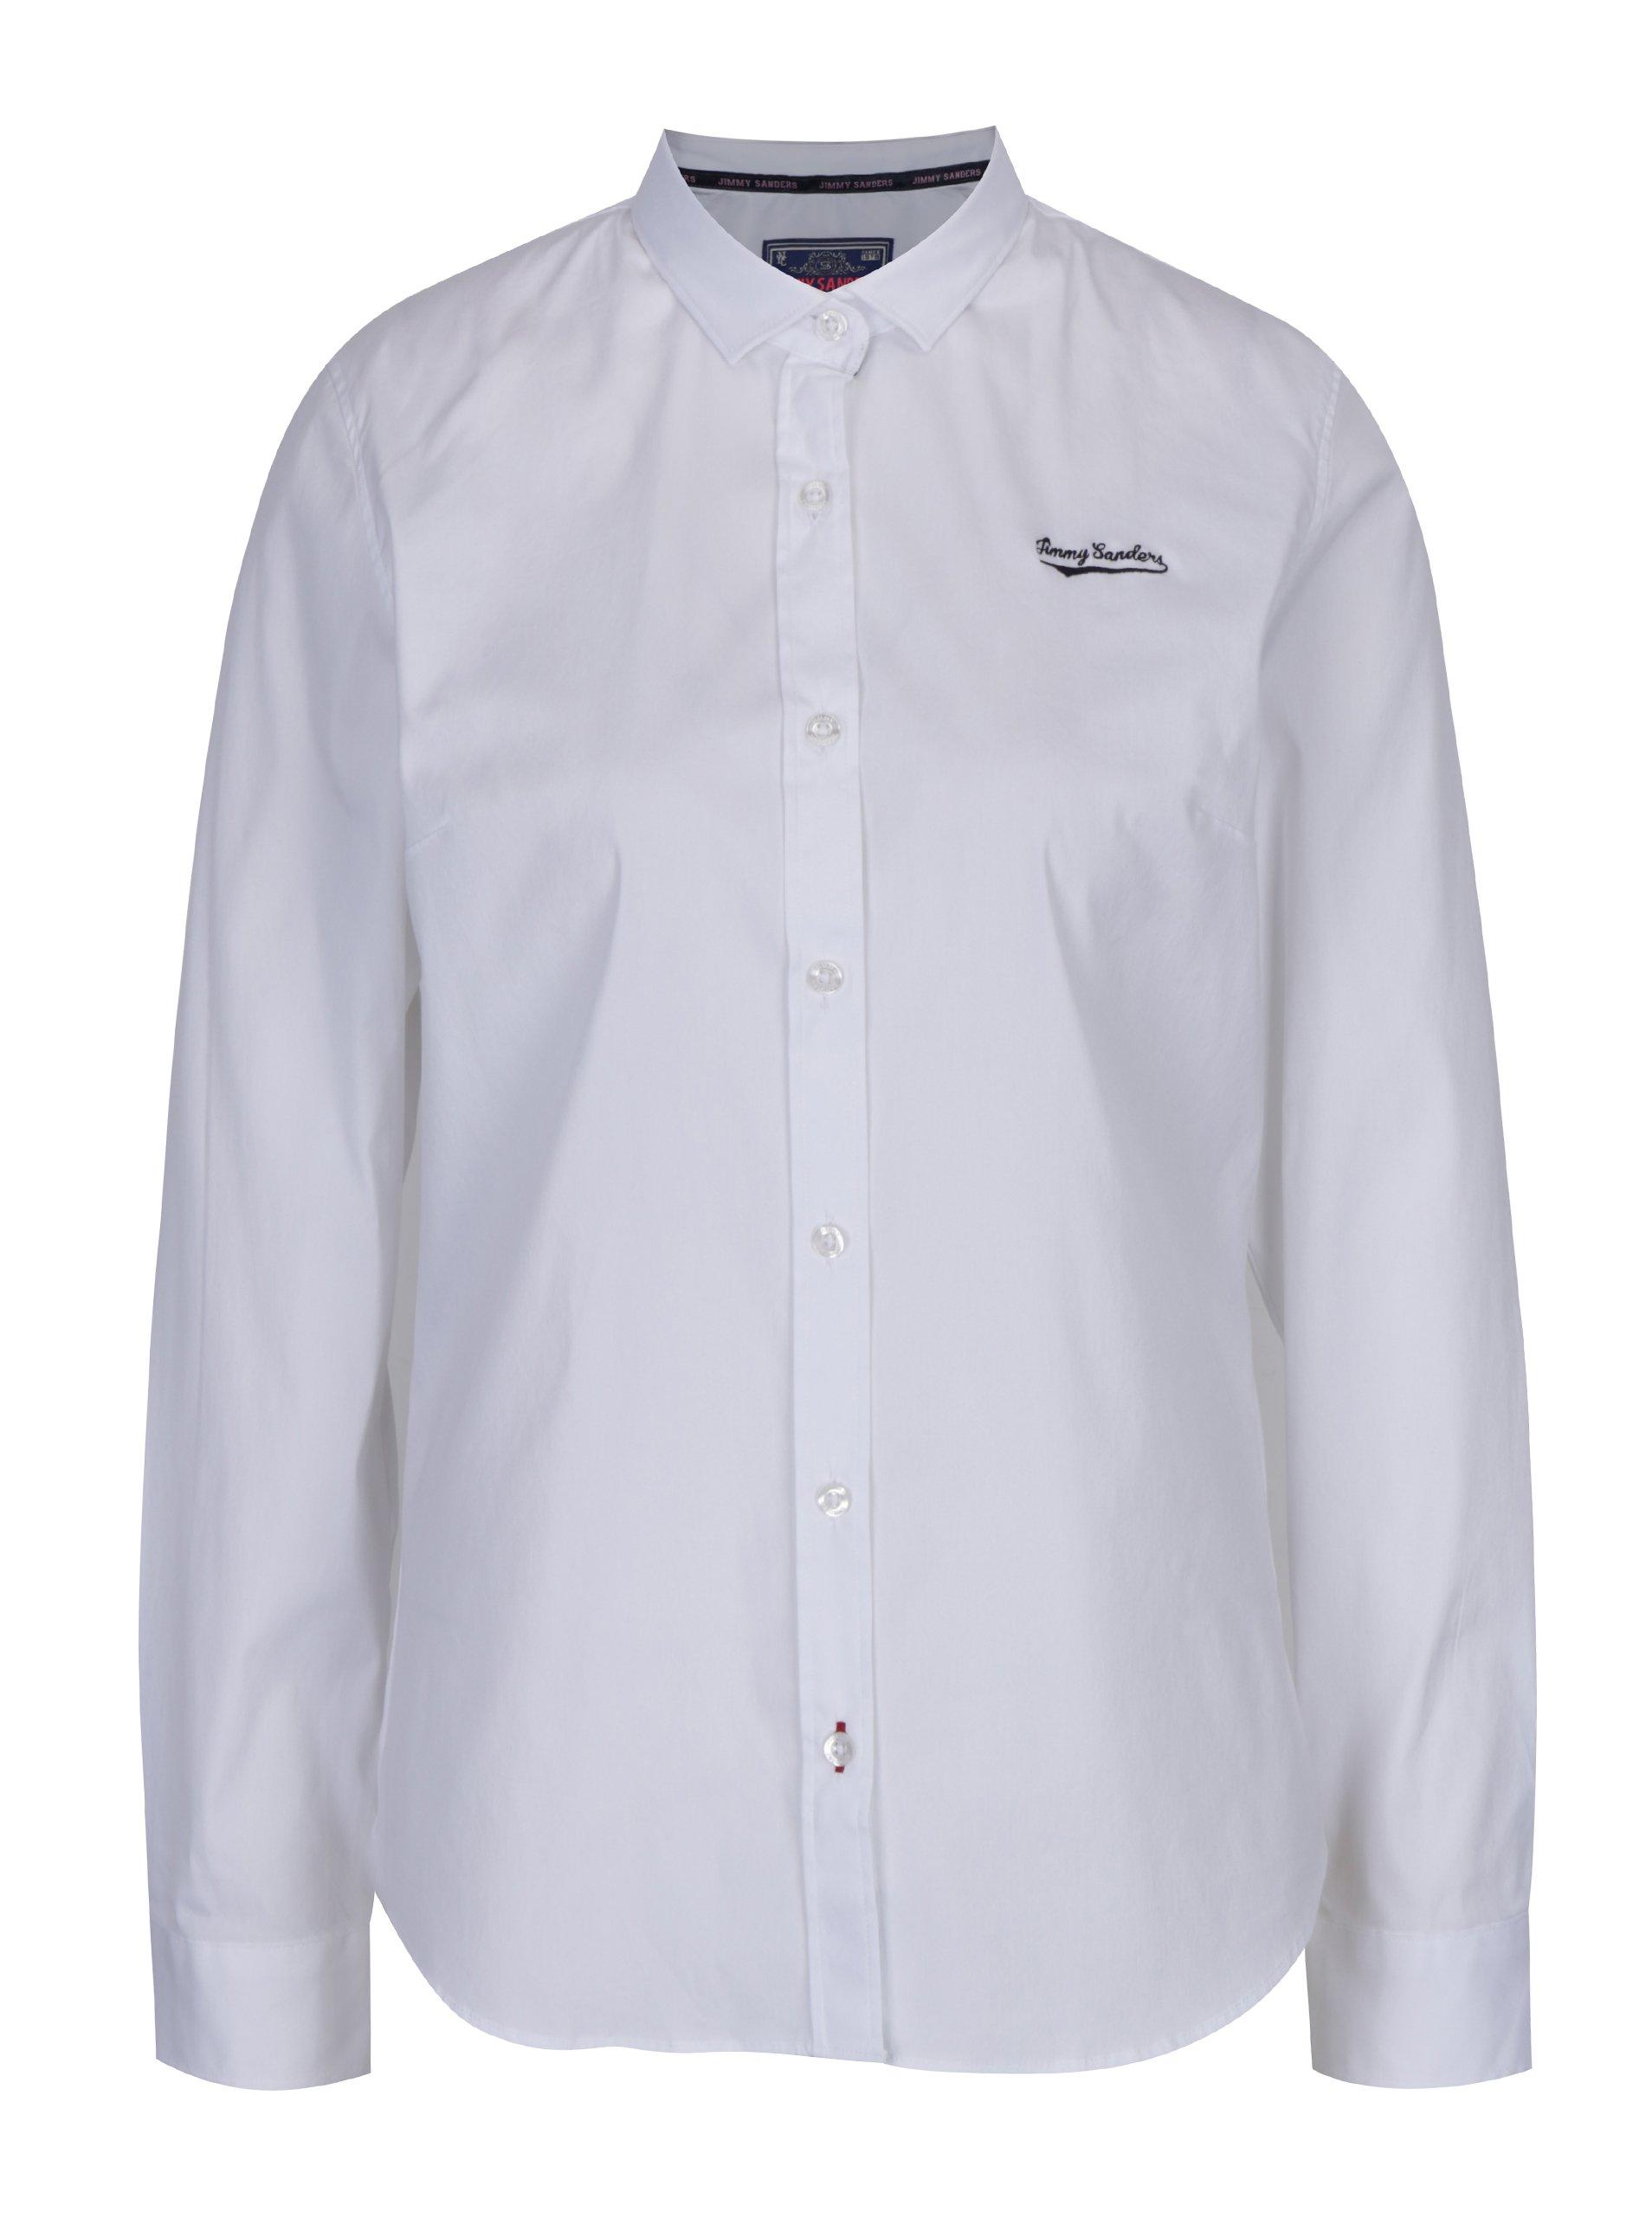 Bílá dámská košile s dlouhým rukávem Jimmy Sanders